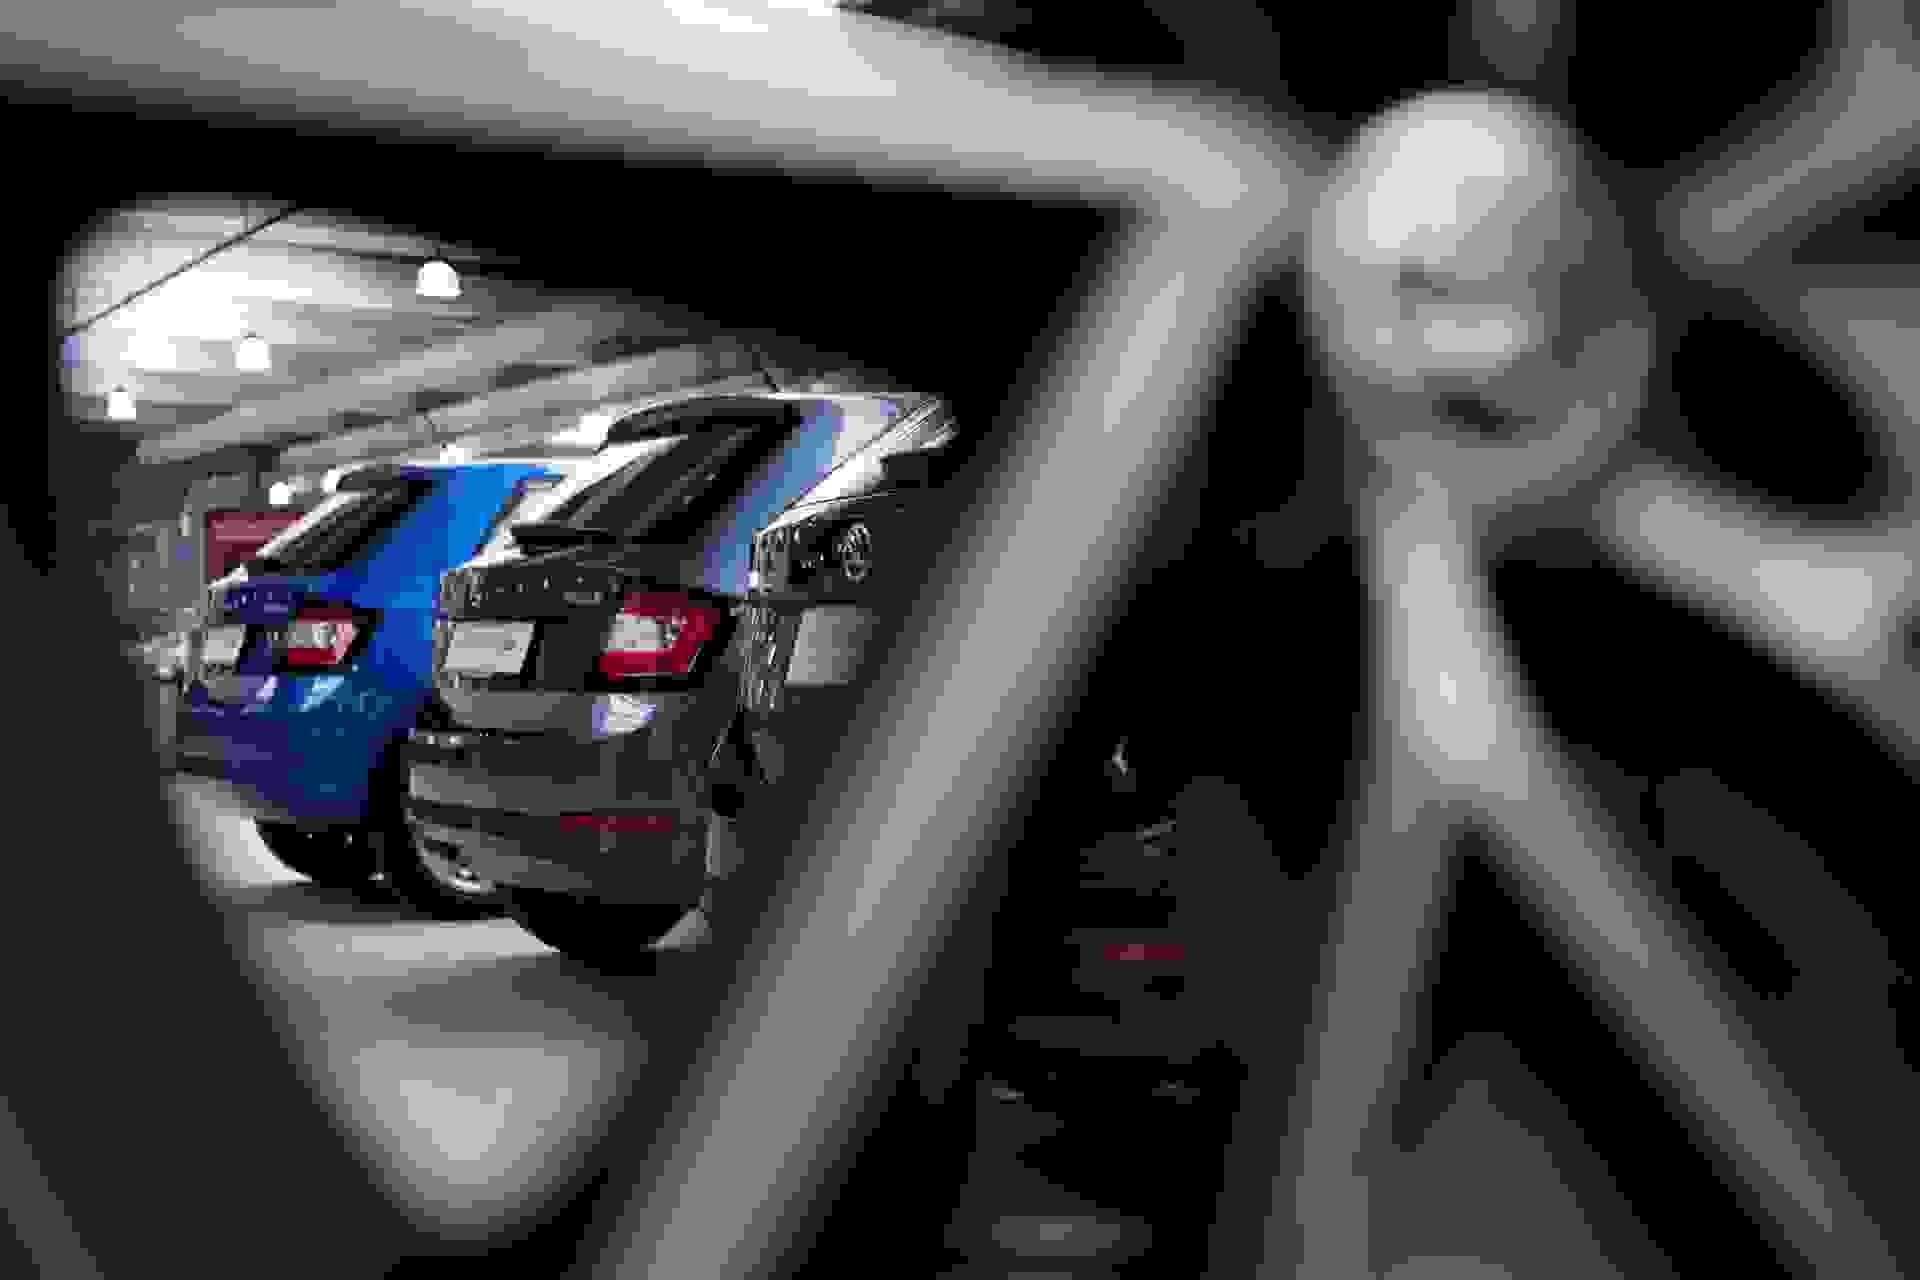 Bilerneshus Skoda Hjul